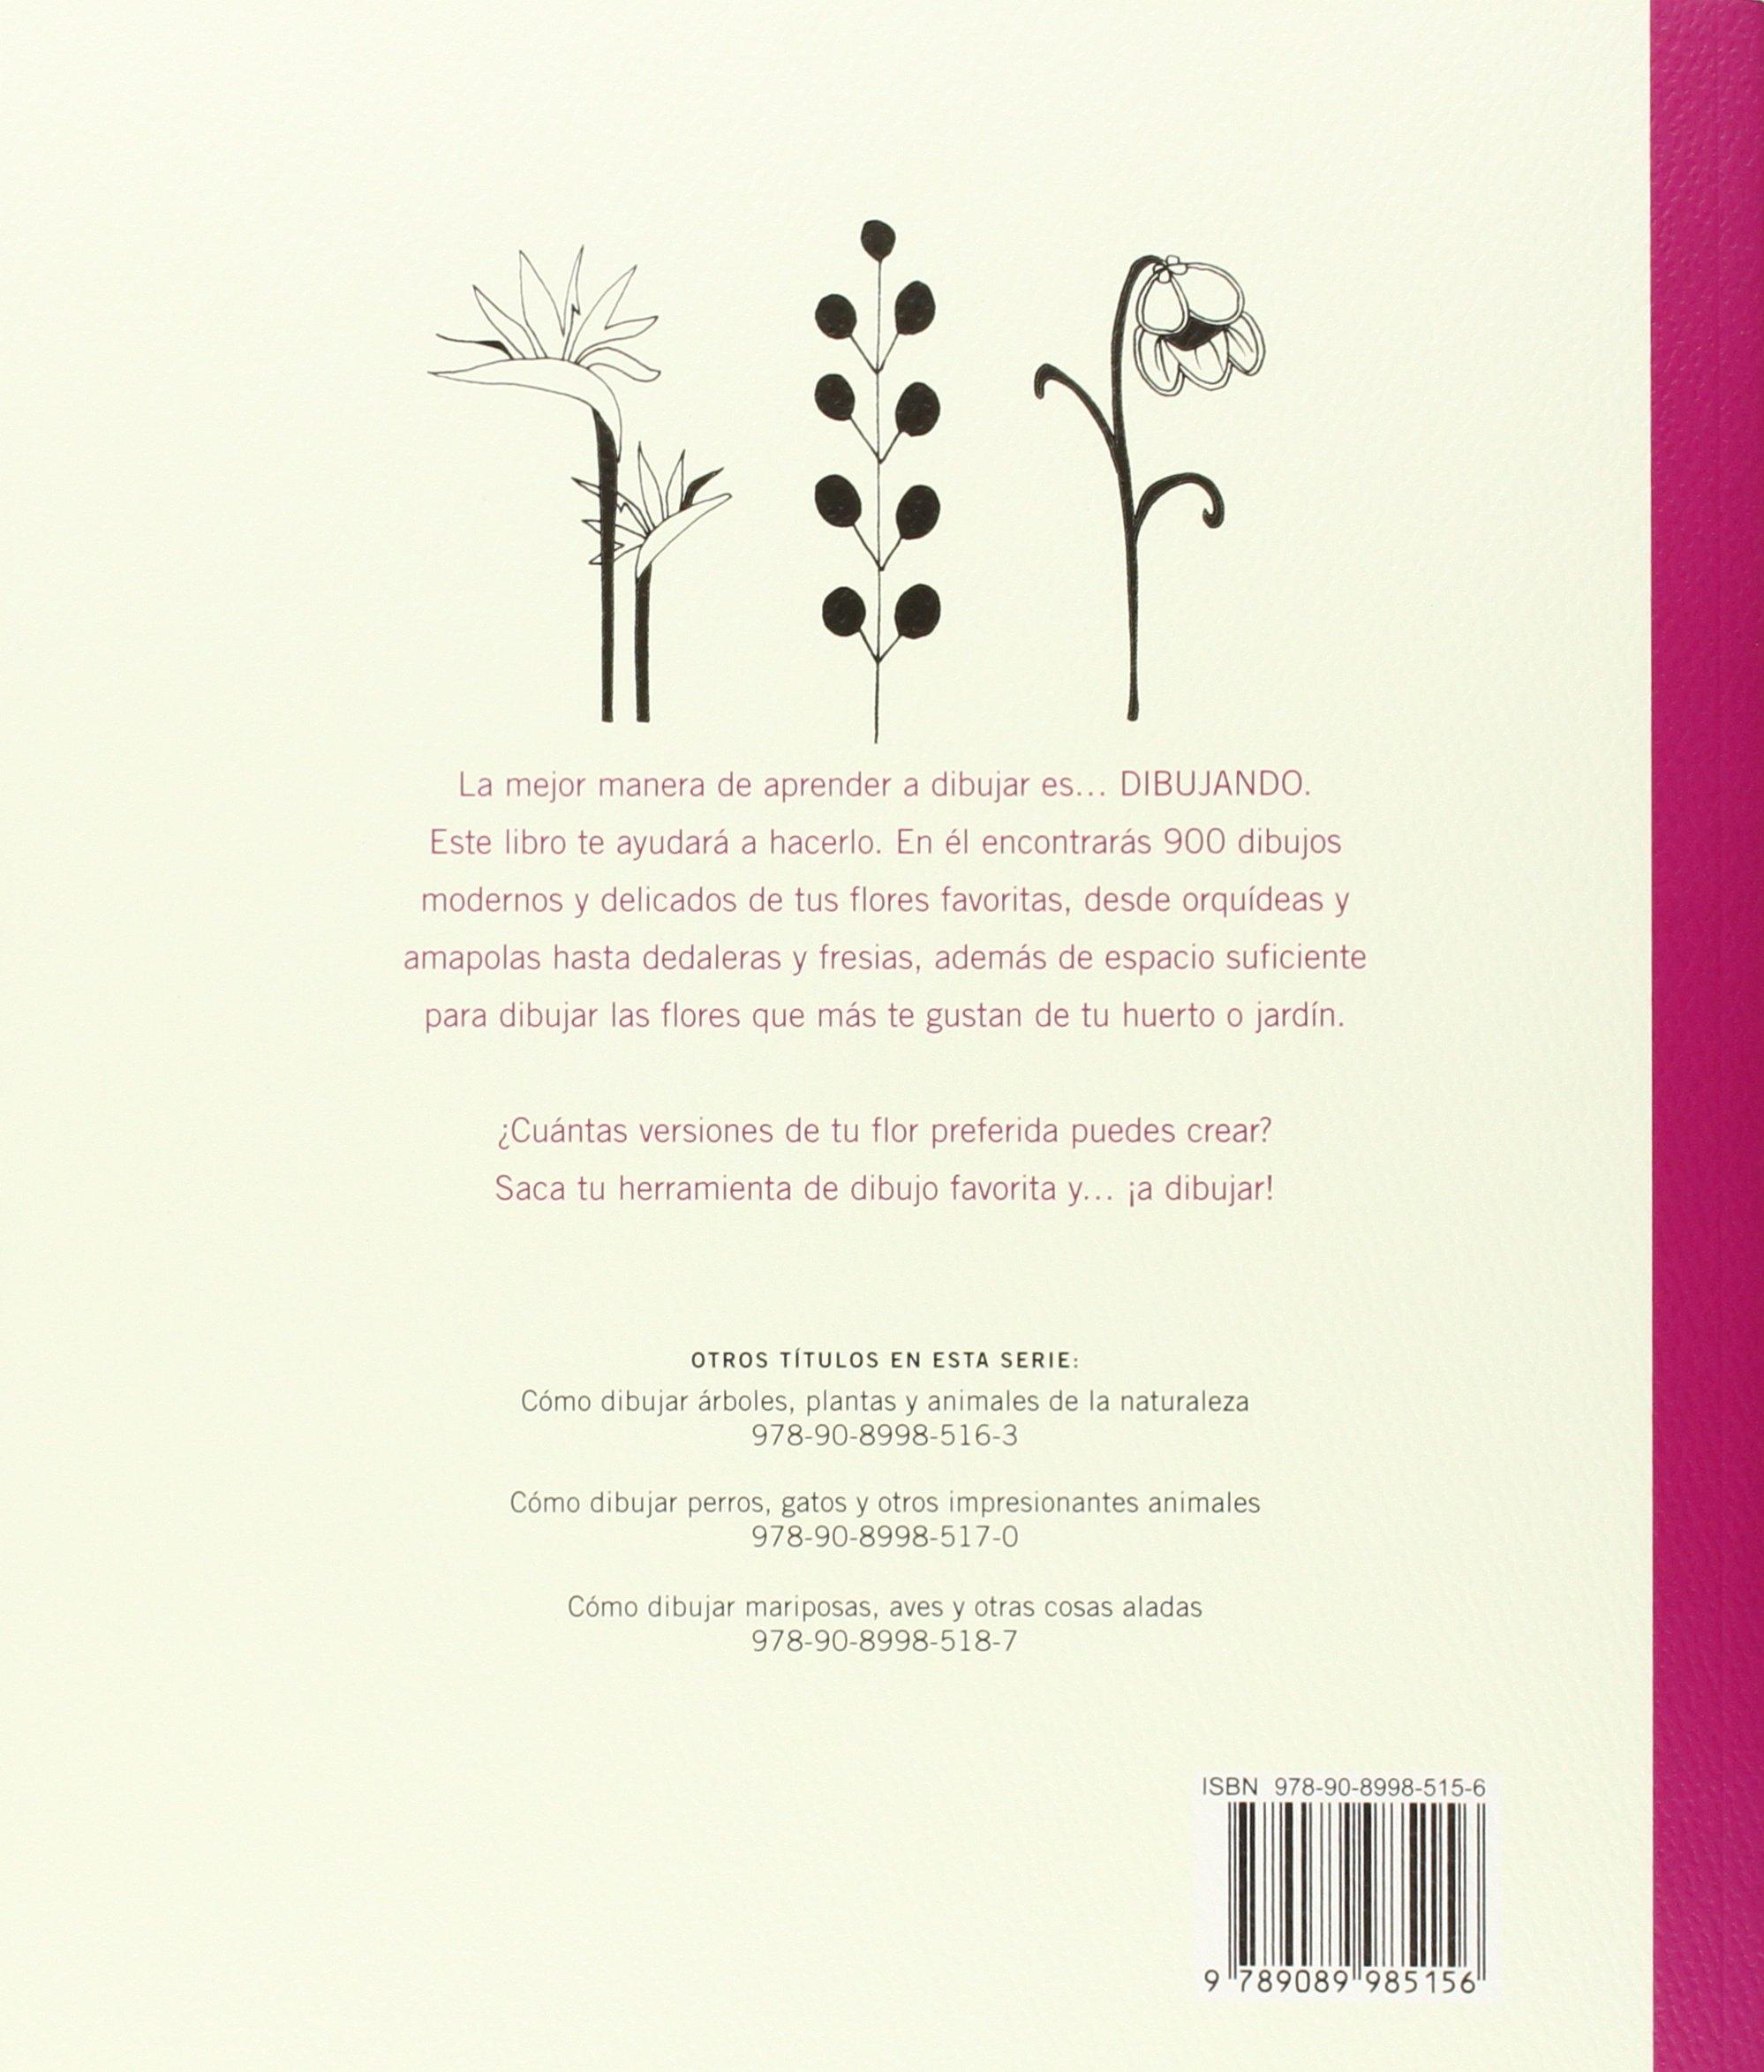 Cómo dibujar, tulipanes, rosas y otras flores: CONGDON(985156): 9789089985156: Amazon.com: Books